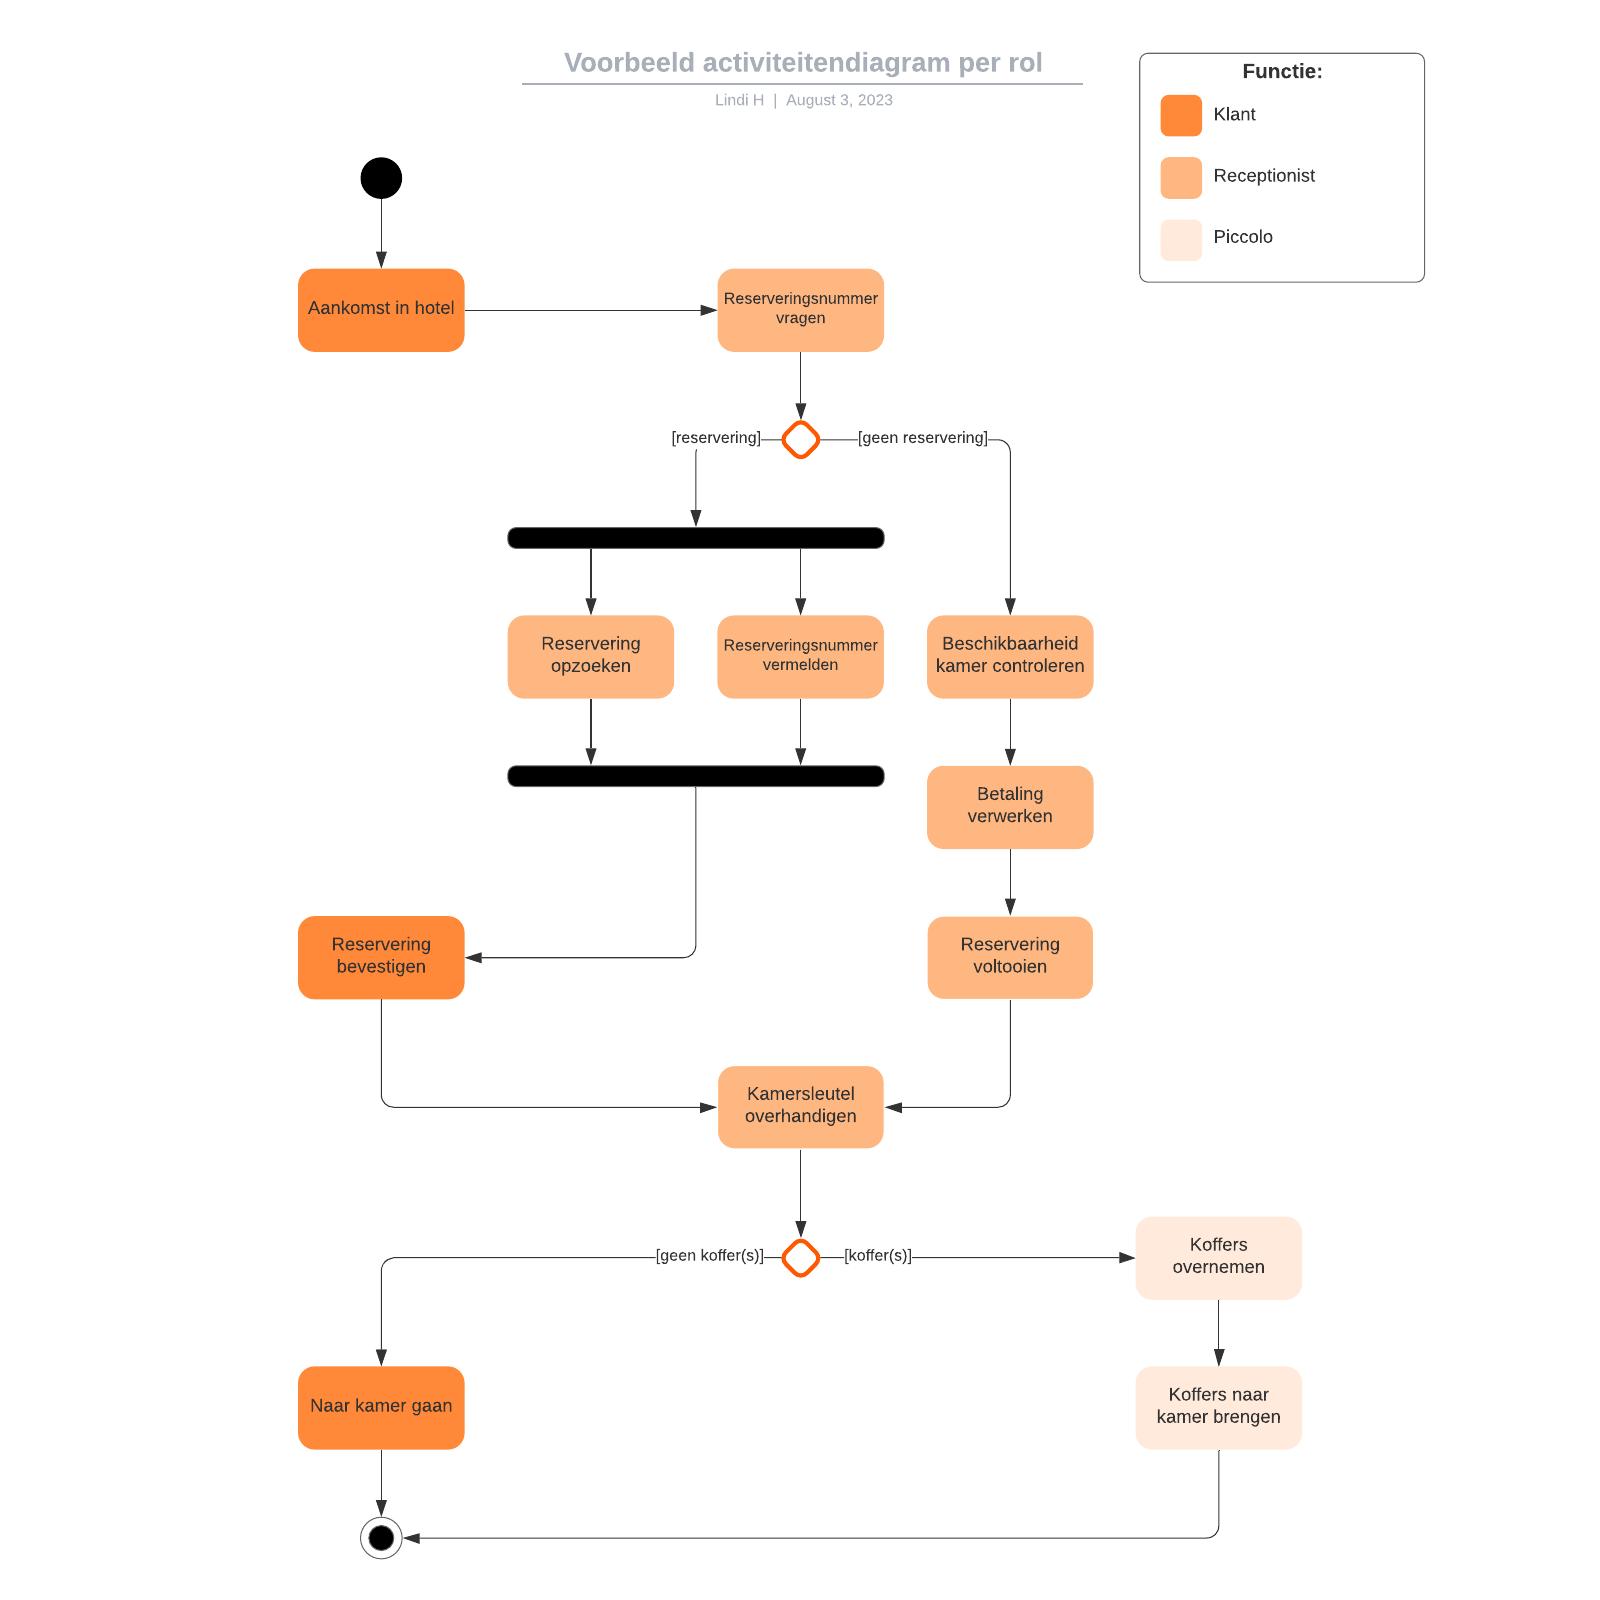 Voorbeeld activiteitendiagram per rol